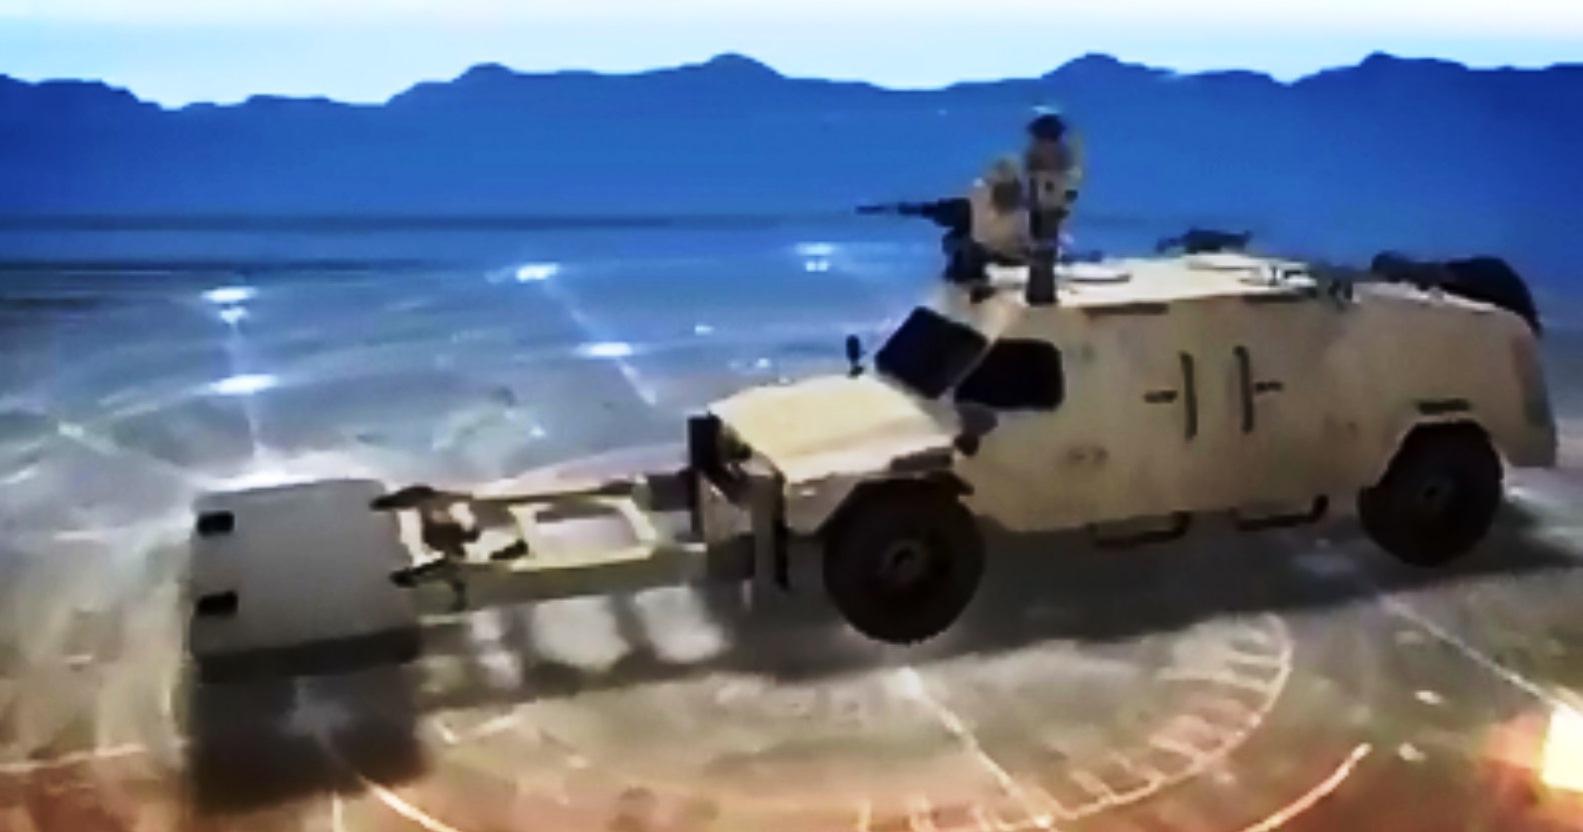 וידאו מתעד: שומר הטנקים מבית היוצר של התעשיה האווירית לישראל